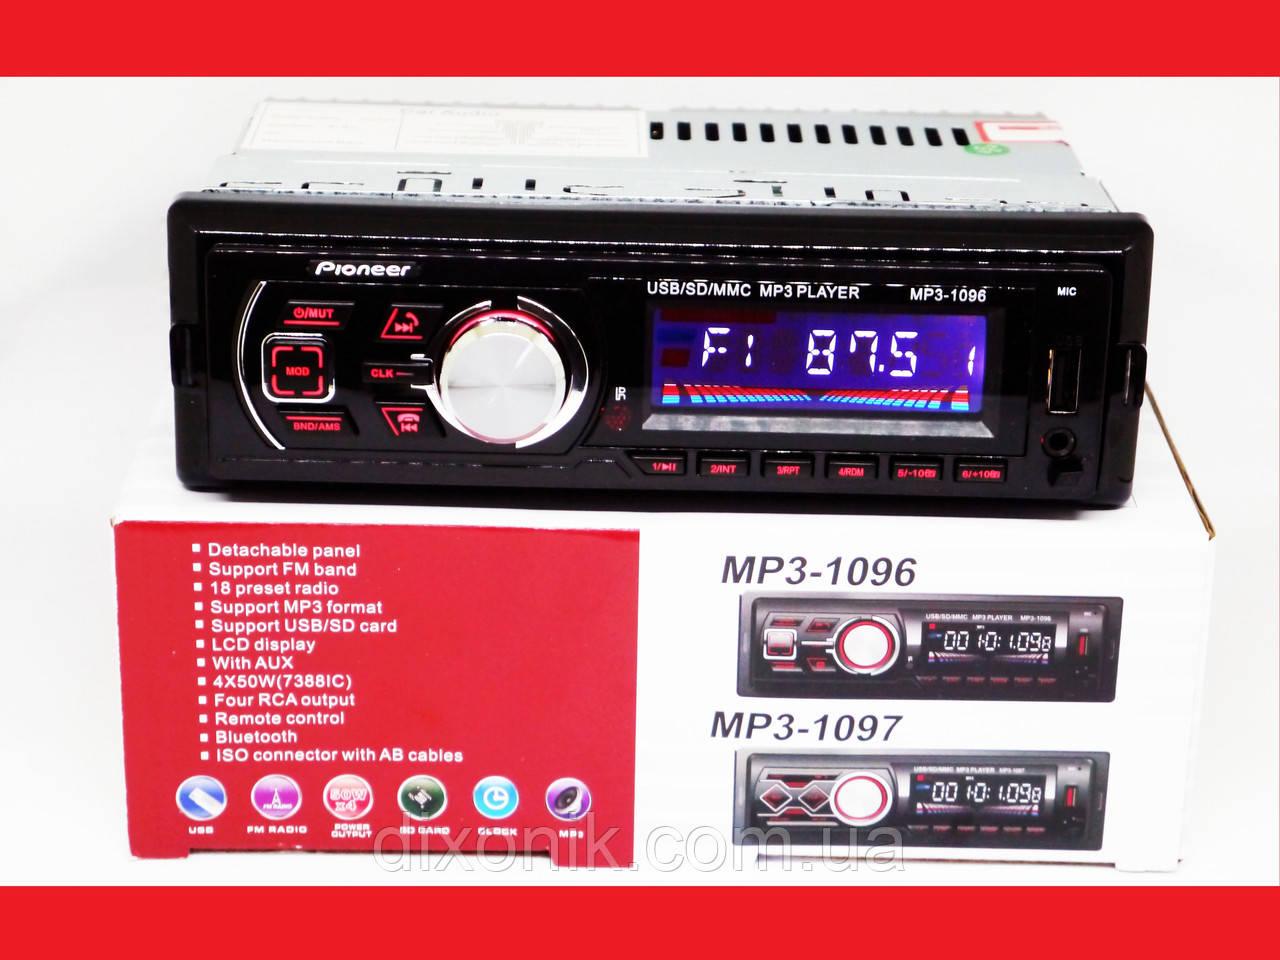 1 din Автомагнитола Pioneer 1096BT - Bluetooth, USB, AUX (1 дин магнитола со съемной панелью и блютуз)